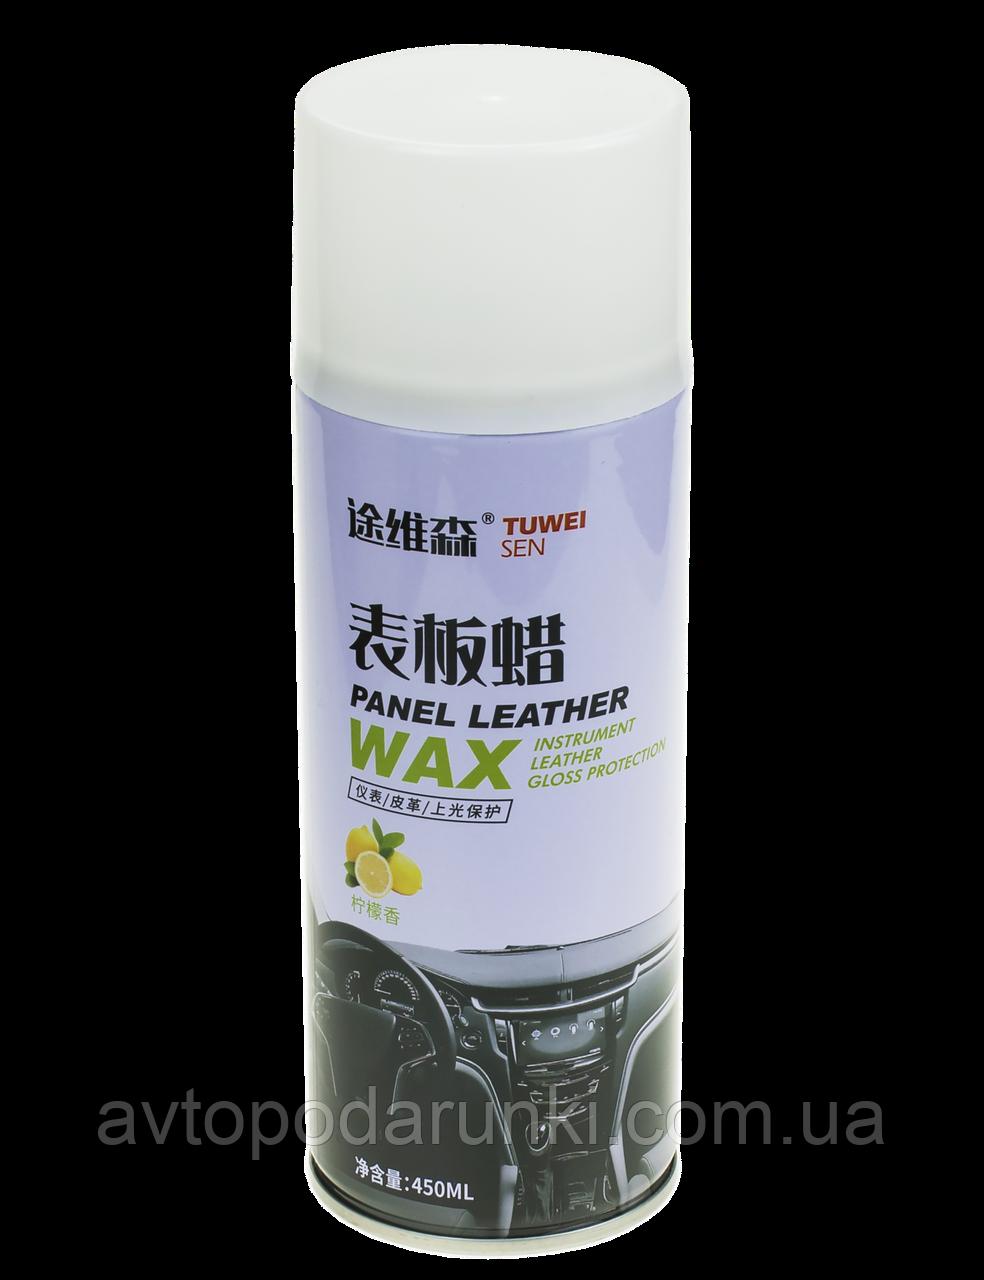 Спрей для ухода за кожаными, резиновыми  и пластиковыми изделиями в автомобиле LEATHER and TYRE WAX 450ml